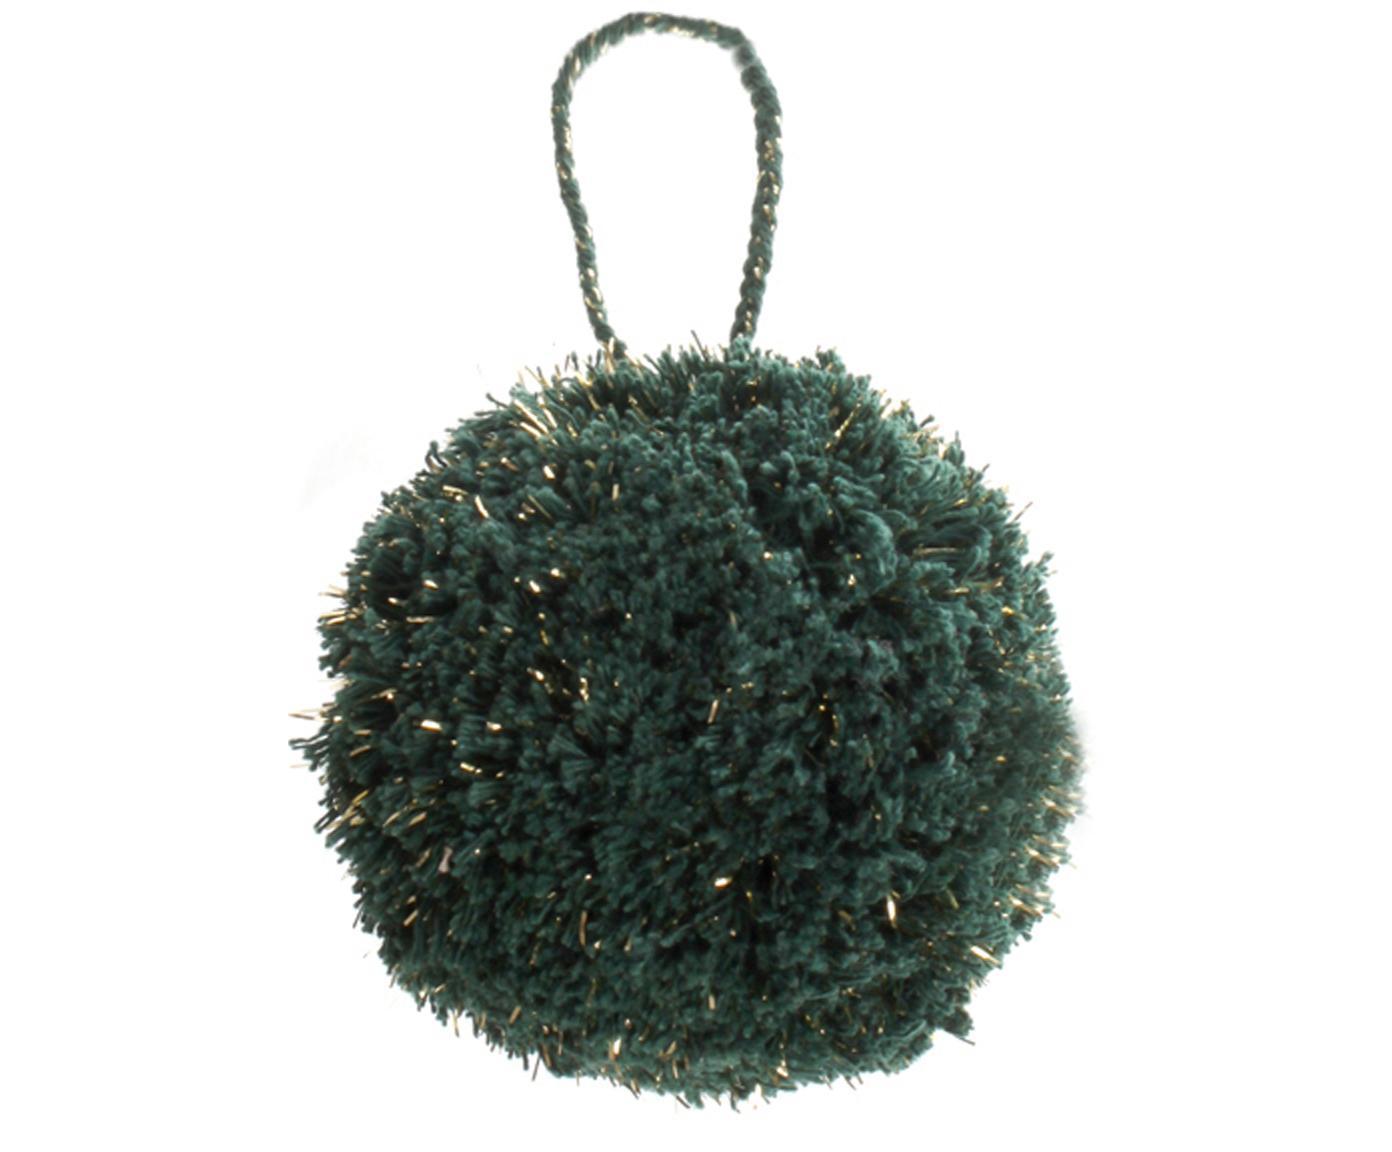 Kerstboomhangers Pompon, 2 stuks, Katoen met Lurex-draden, Petrol, goudkleurig, Ø 8 x H 14 cm